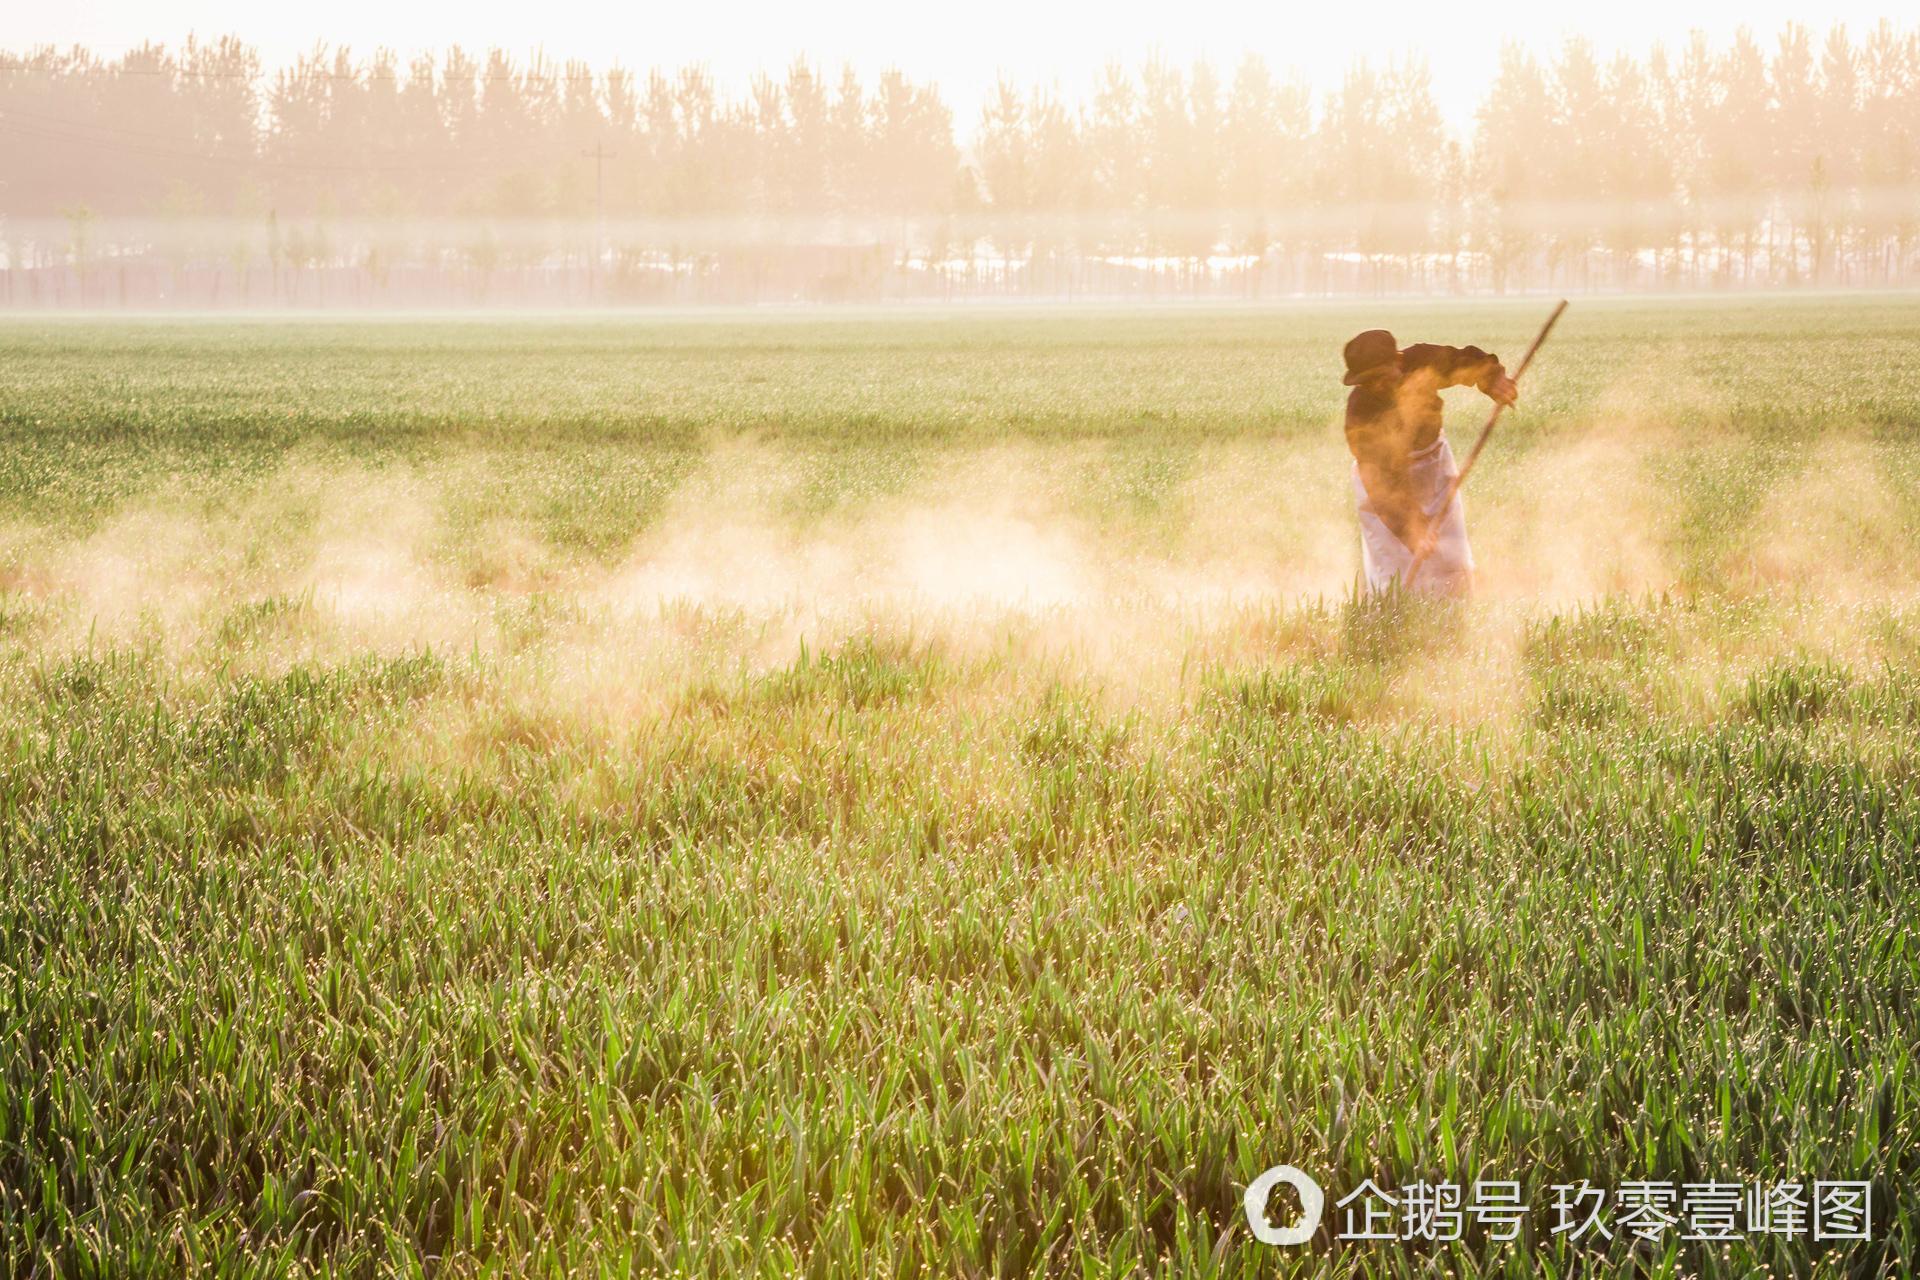 大好河山:晋州周家庄特色梨花节盛装迎客图片